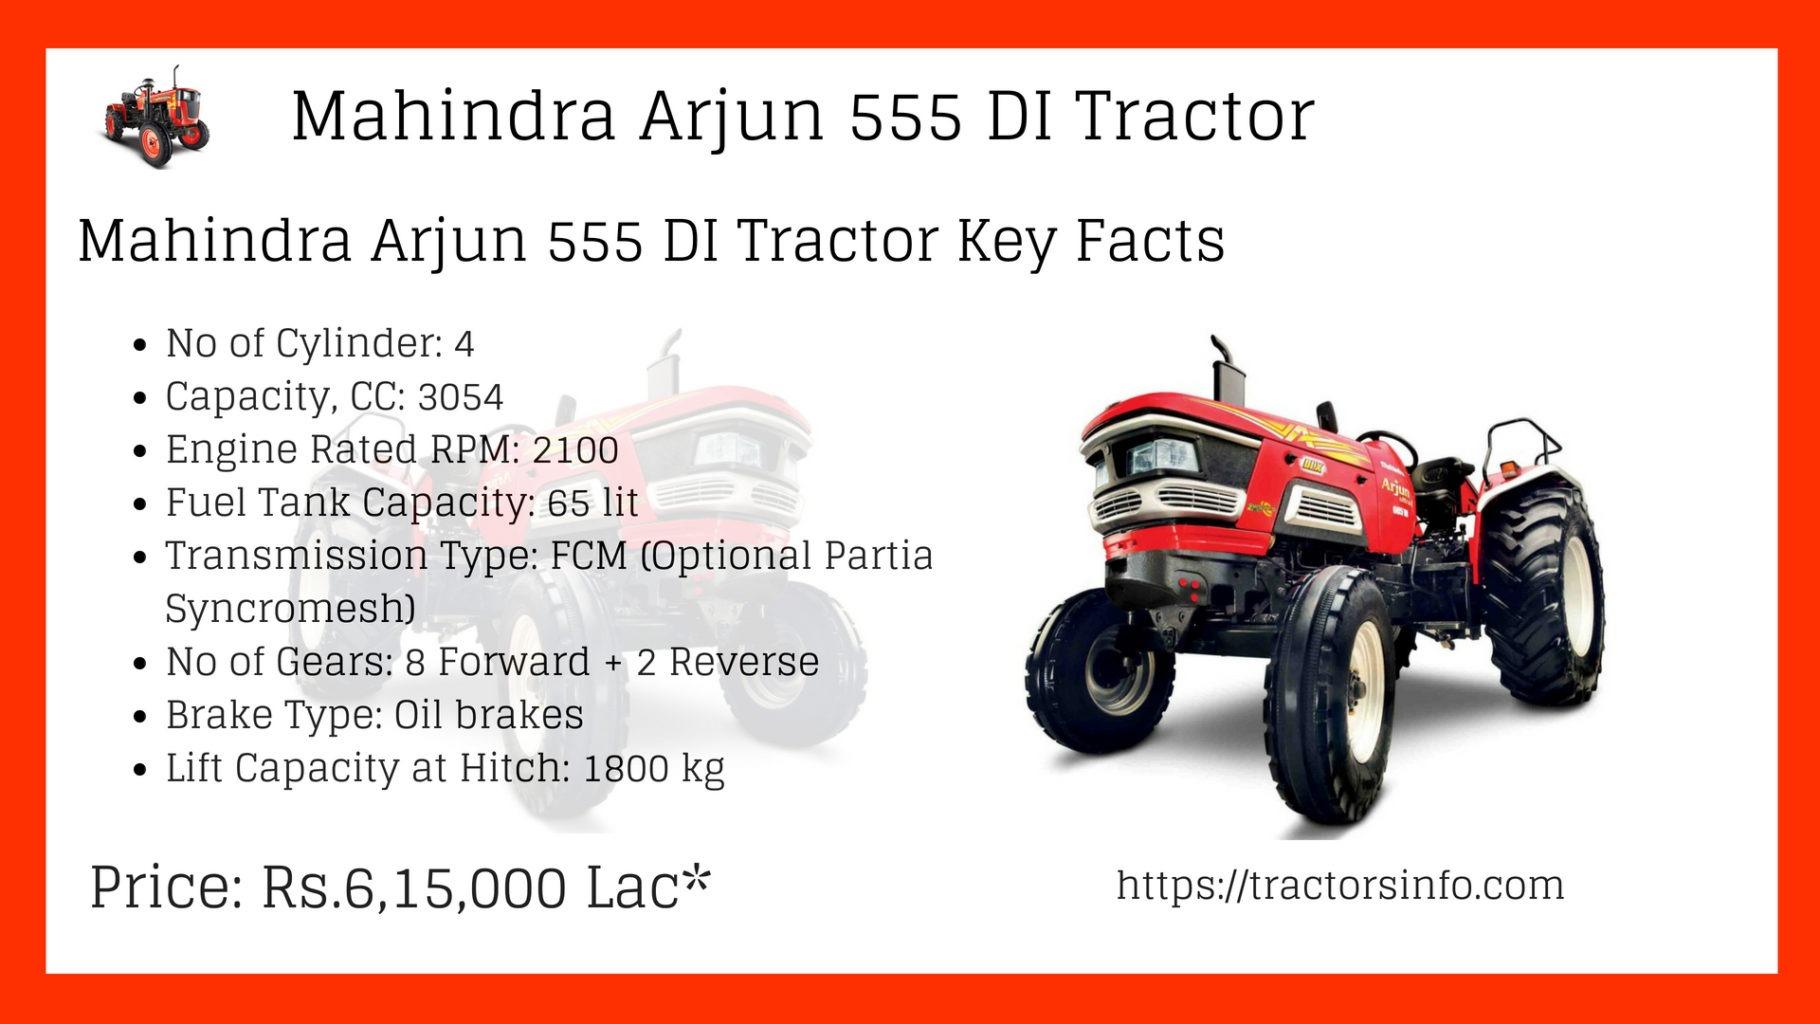 Mahindra Arjun 555 DI Tractor